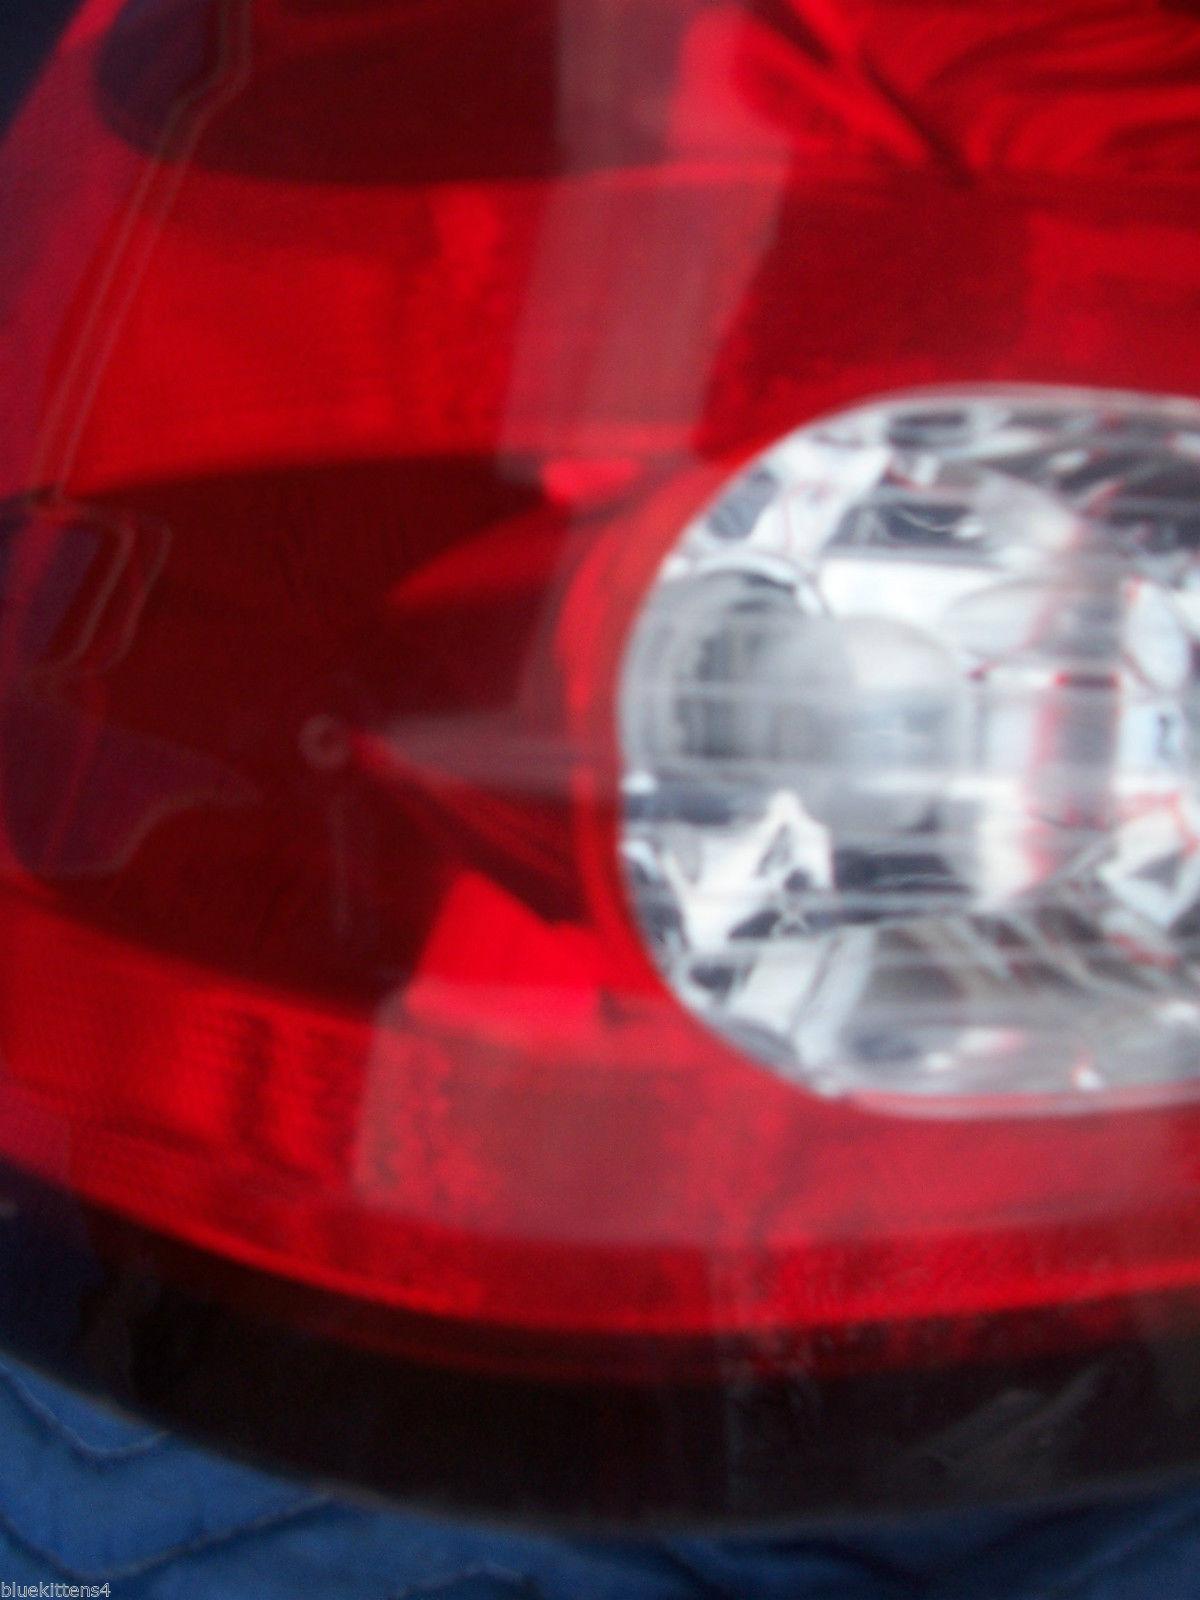 2001 AZTEC LEFT TAILLIGHT OEM USED ORIGINAL PONTIAC GM PART 2002 2003 2004 2005 image 3